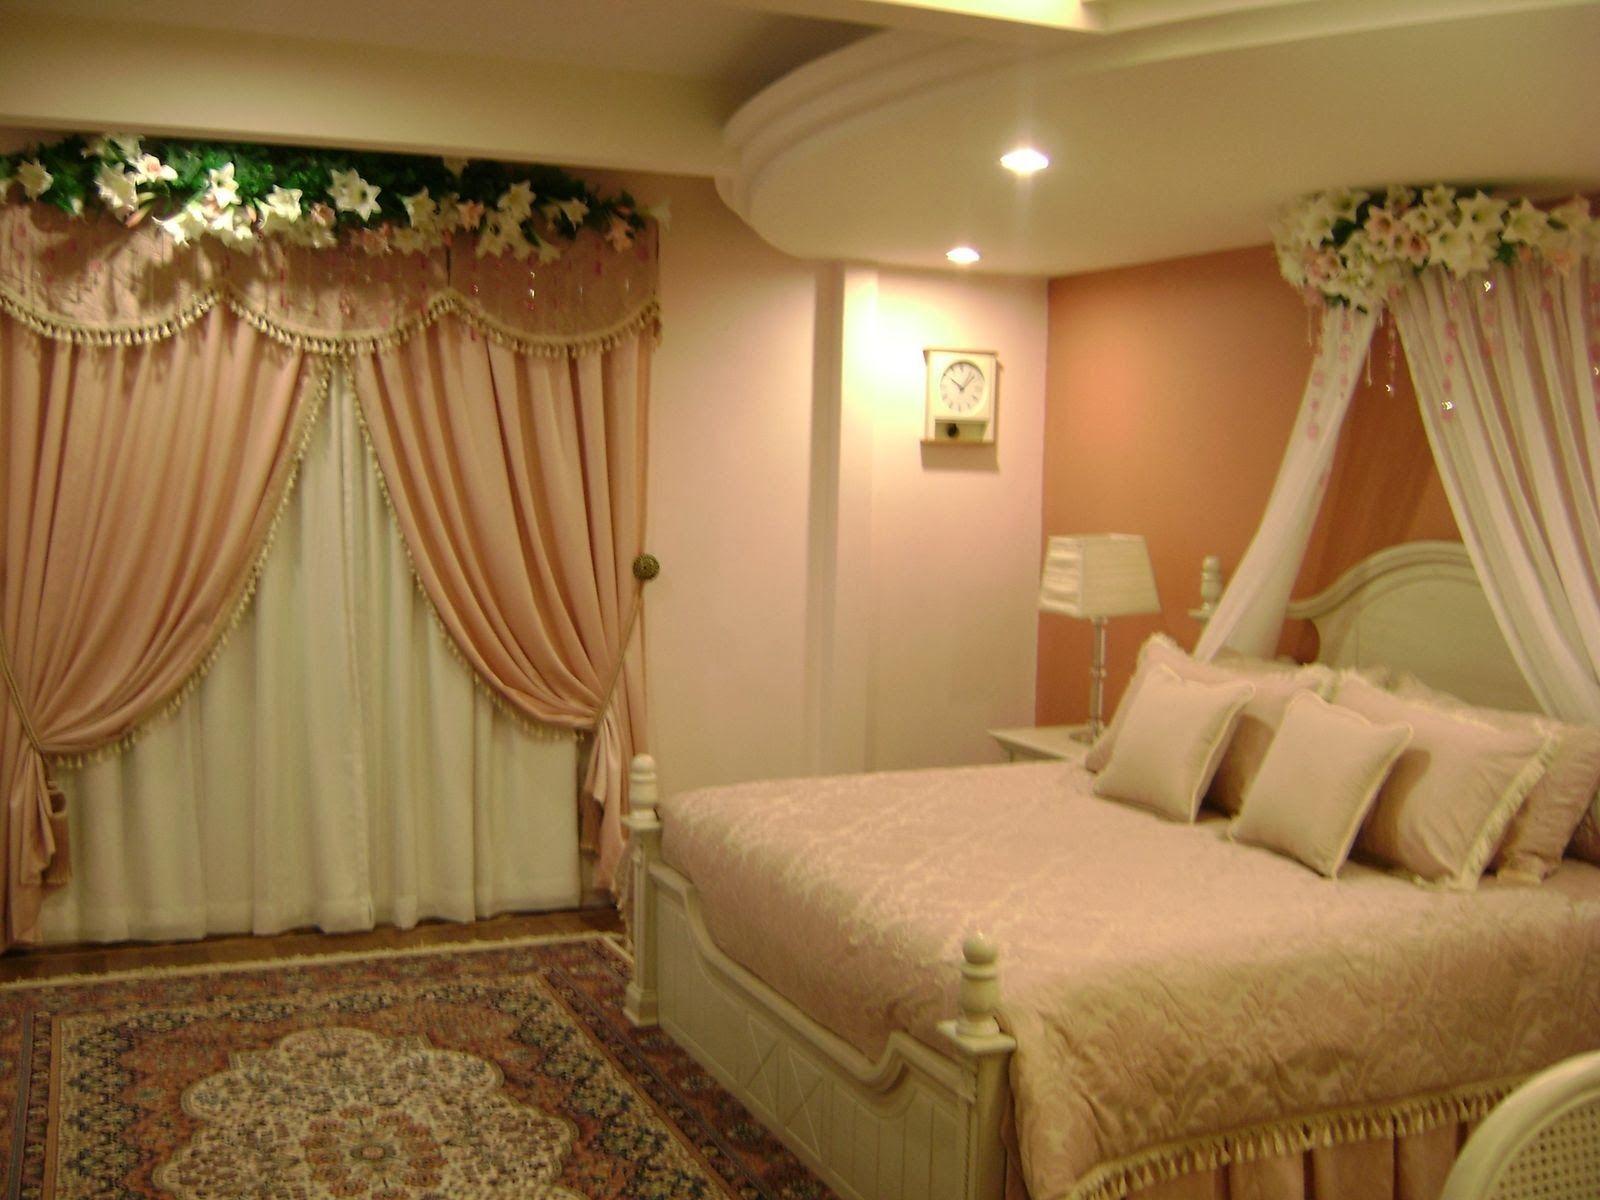 Romantisches Schlafzimmer Design, Romantische Schlafzimmer,  Schlafzimmerdesign, Schlafzimmer Ideen, Hochzeits Schlafzimmer,  Pakistanische Hochzeit, ...